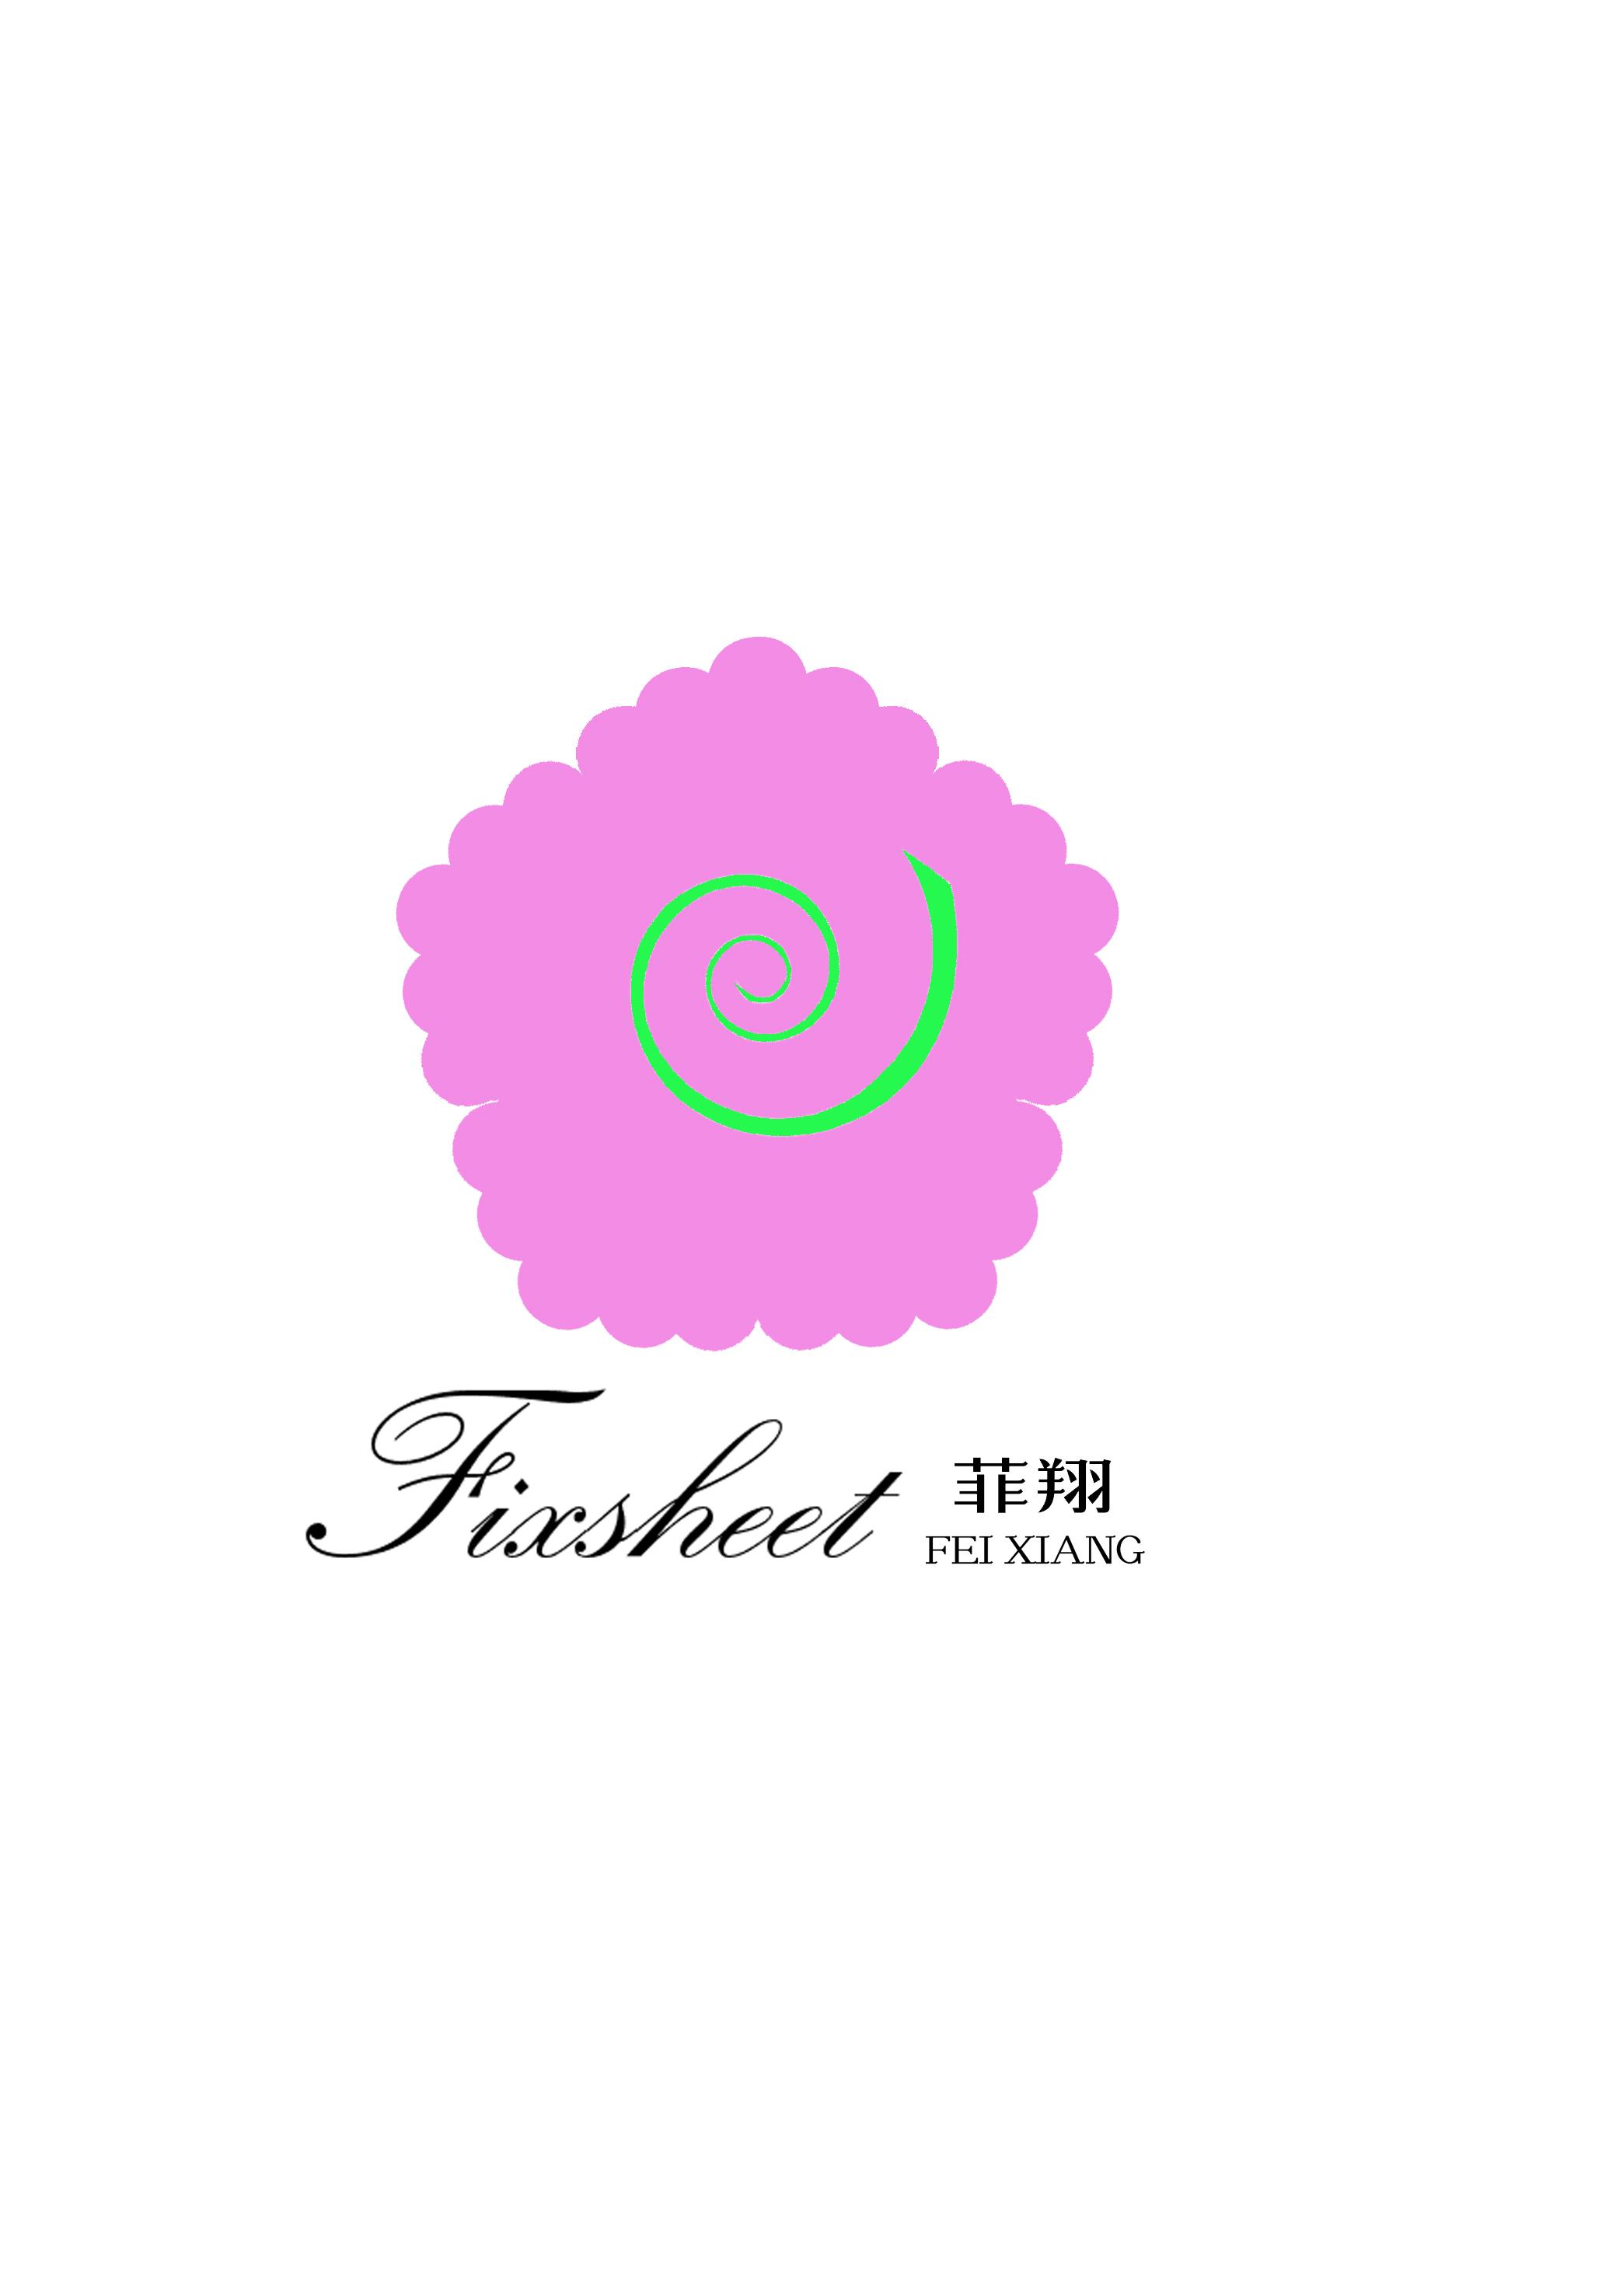 室内装饰材料公司logo设计